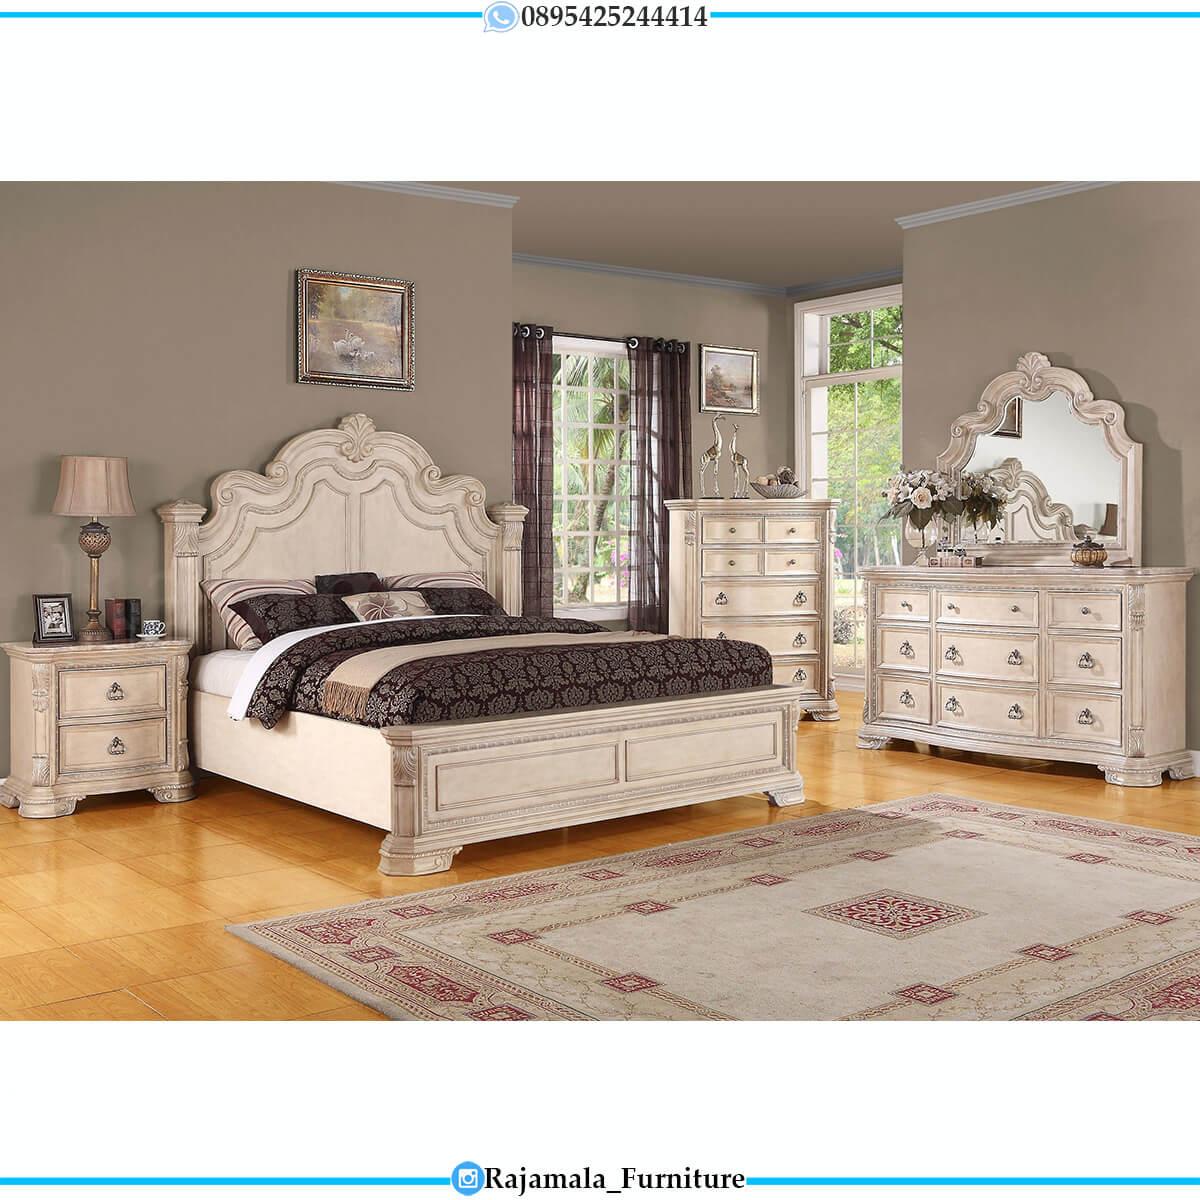 Kamar Set Minimalis Terbaru Elegant Style Design Luxury RM-0643